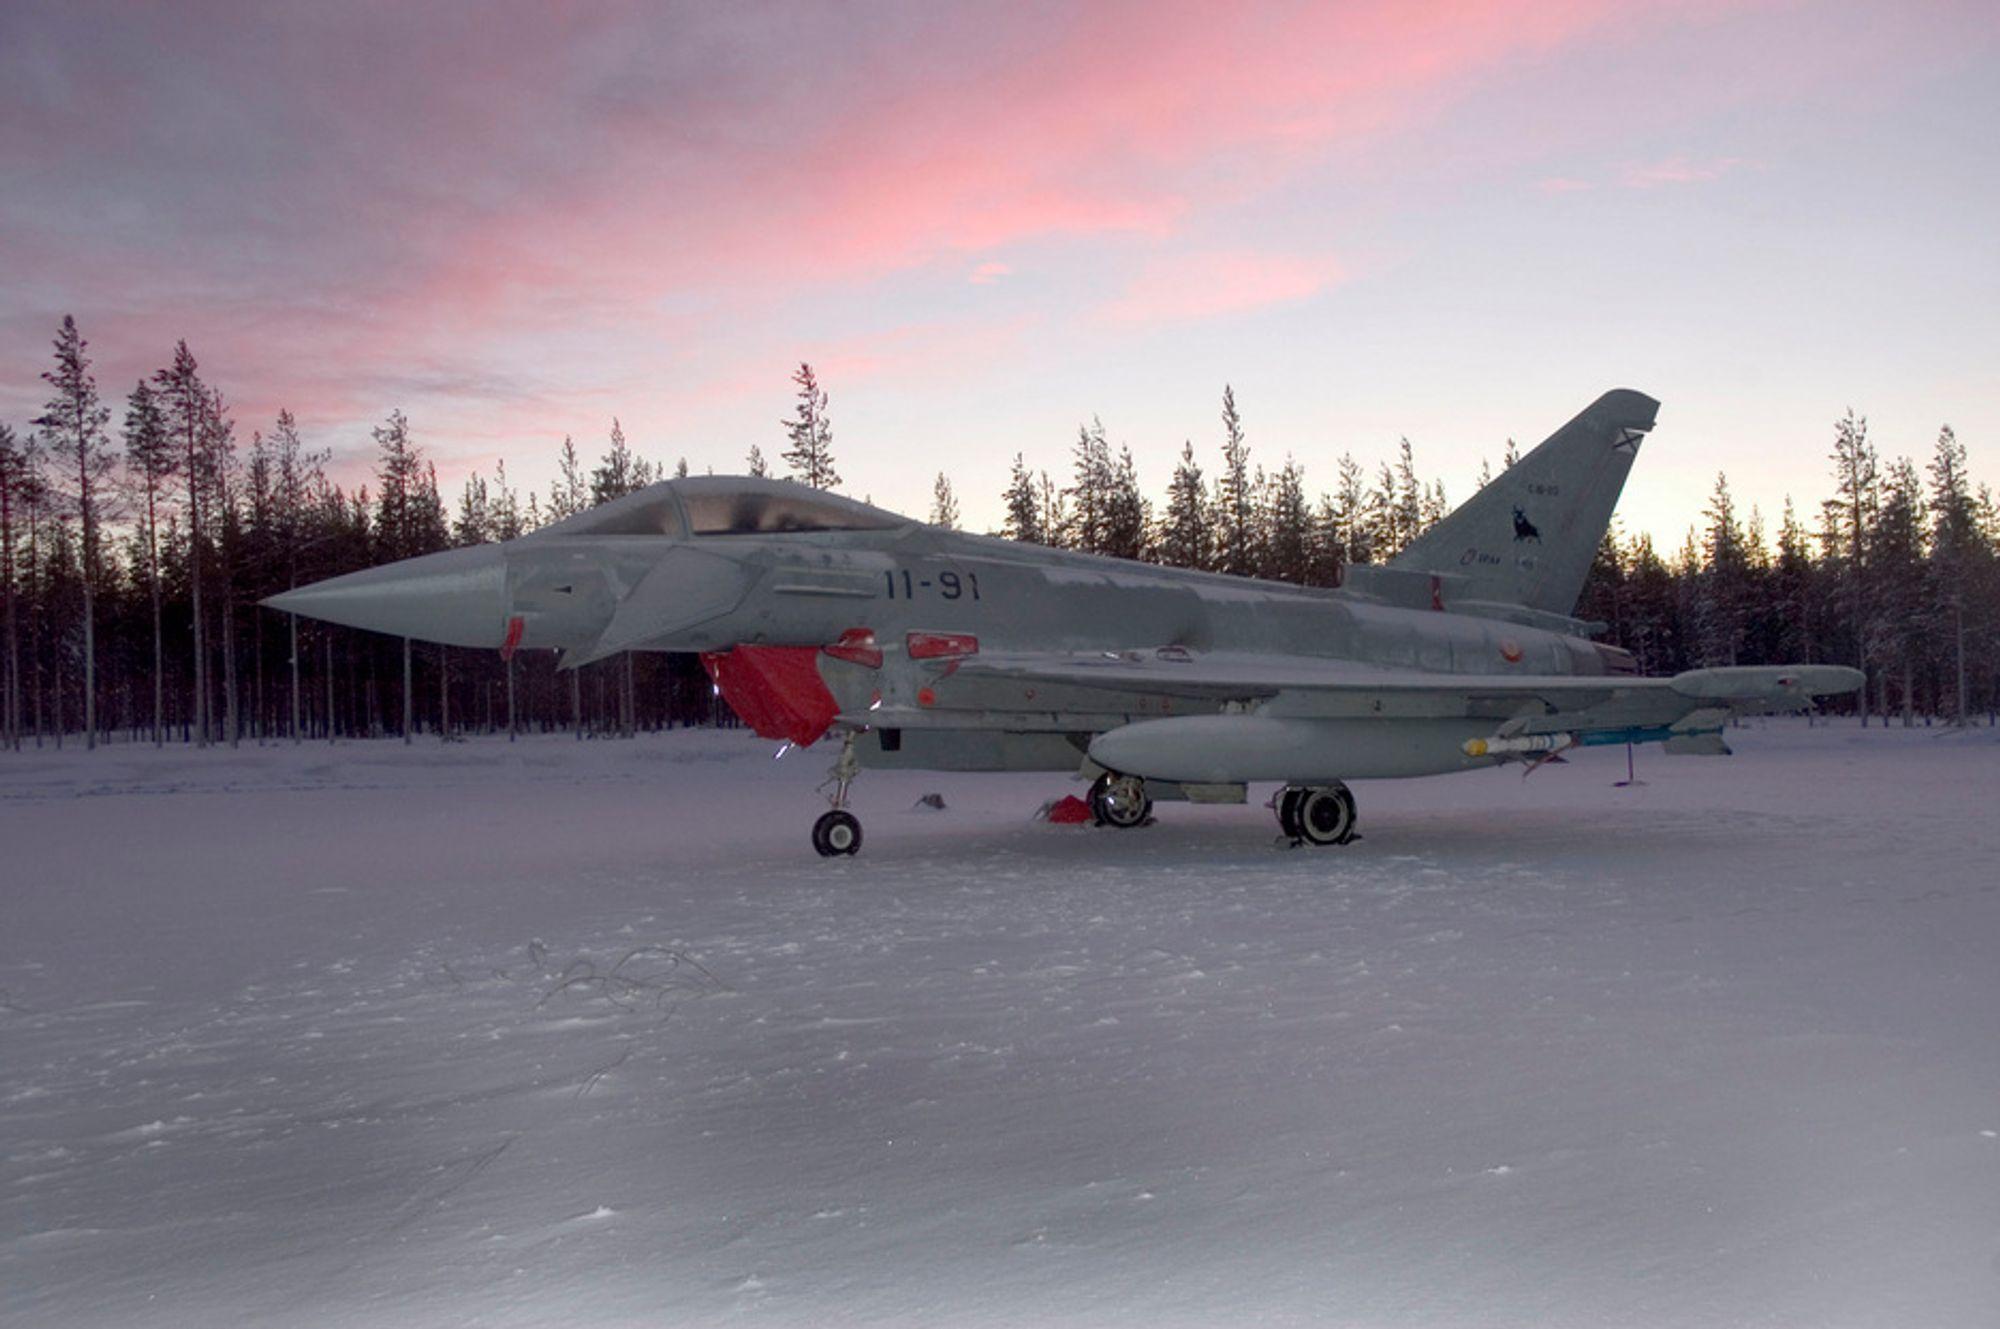 NORSK: Gruppen bak Eurofighter - EADS - har allerede en rekke millionkontrakter i sving i norsk høyteknologisk industri. Enkelte av oppdragene gjelder del-leveranser til Europas nye kampfly Eurofighter, der det alt er levert et tjuetall fly. Her er flyet under en norsk kuldetest forrige vinter.